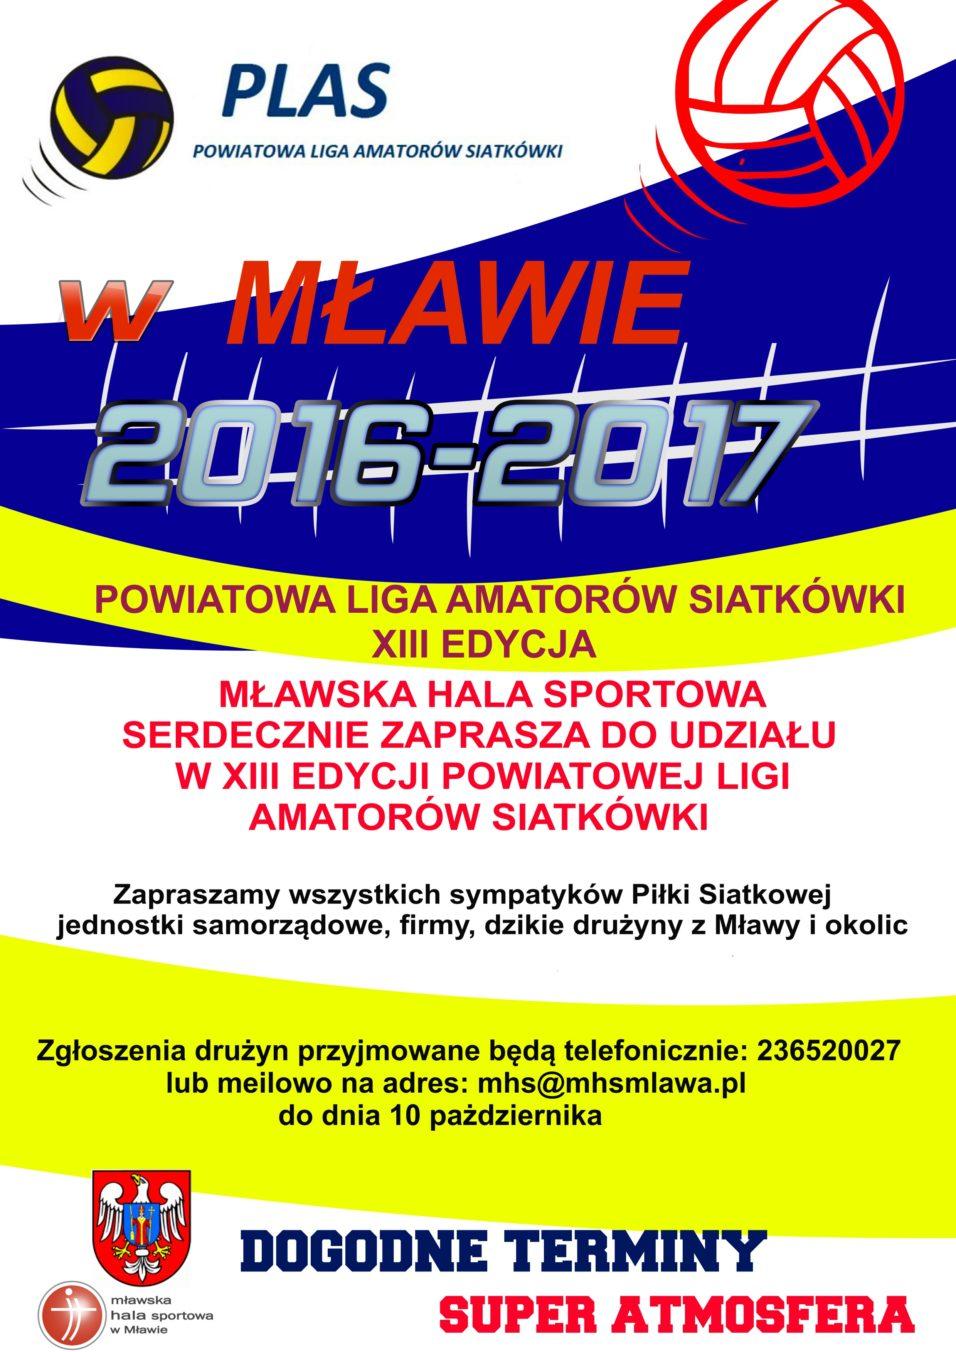 plas-2016